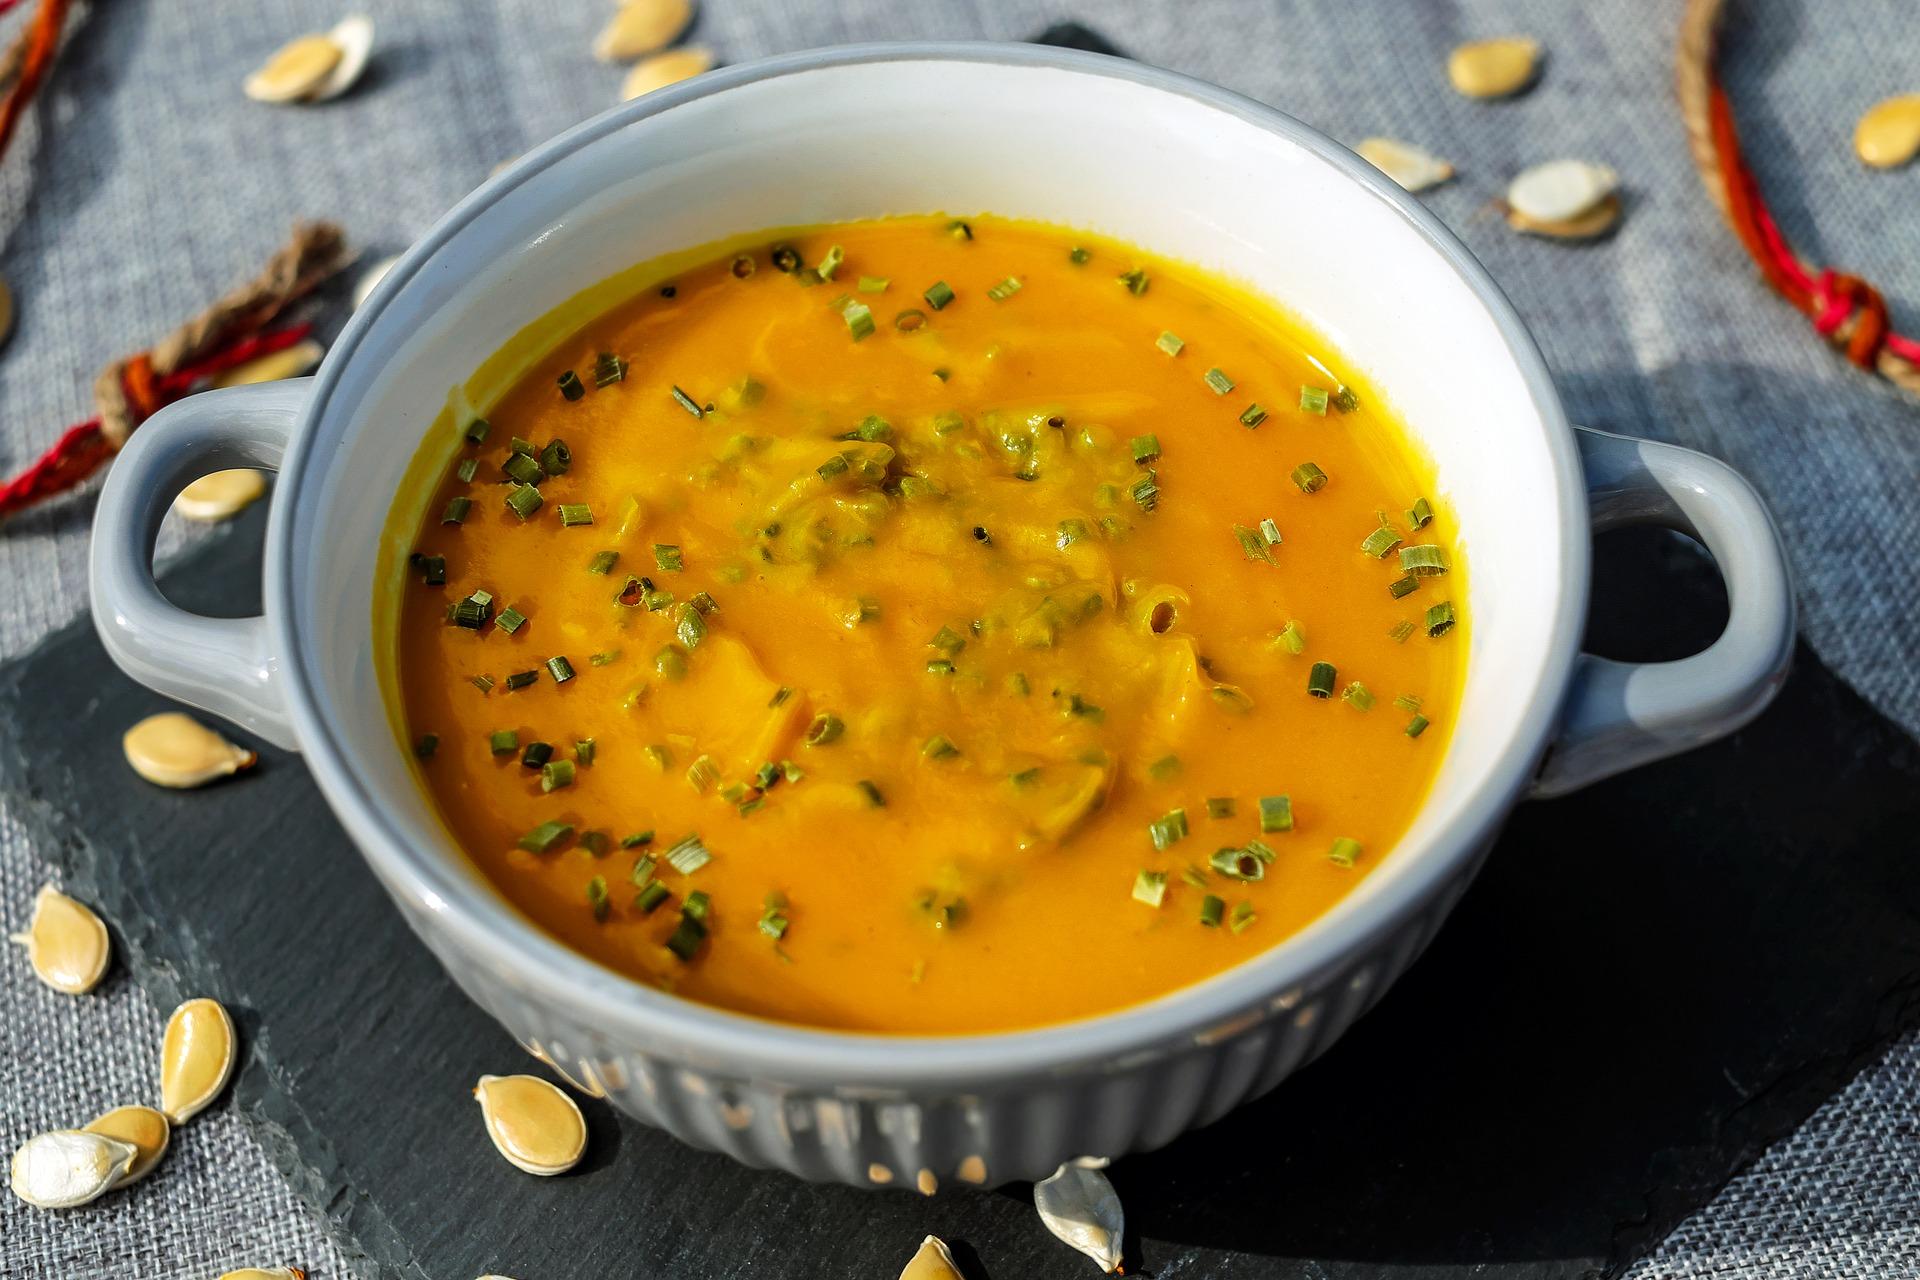 pumpkin-soup-1685574_1920.jpg